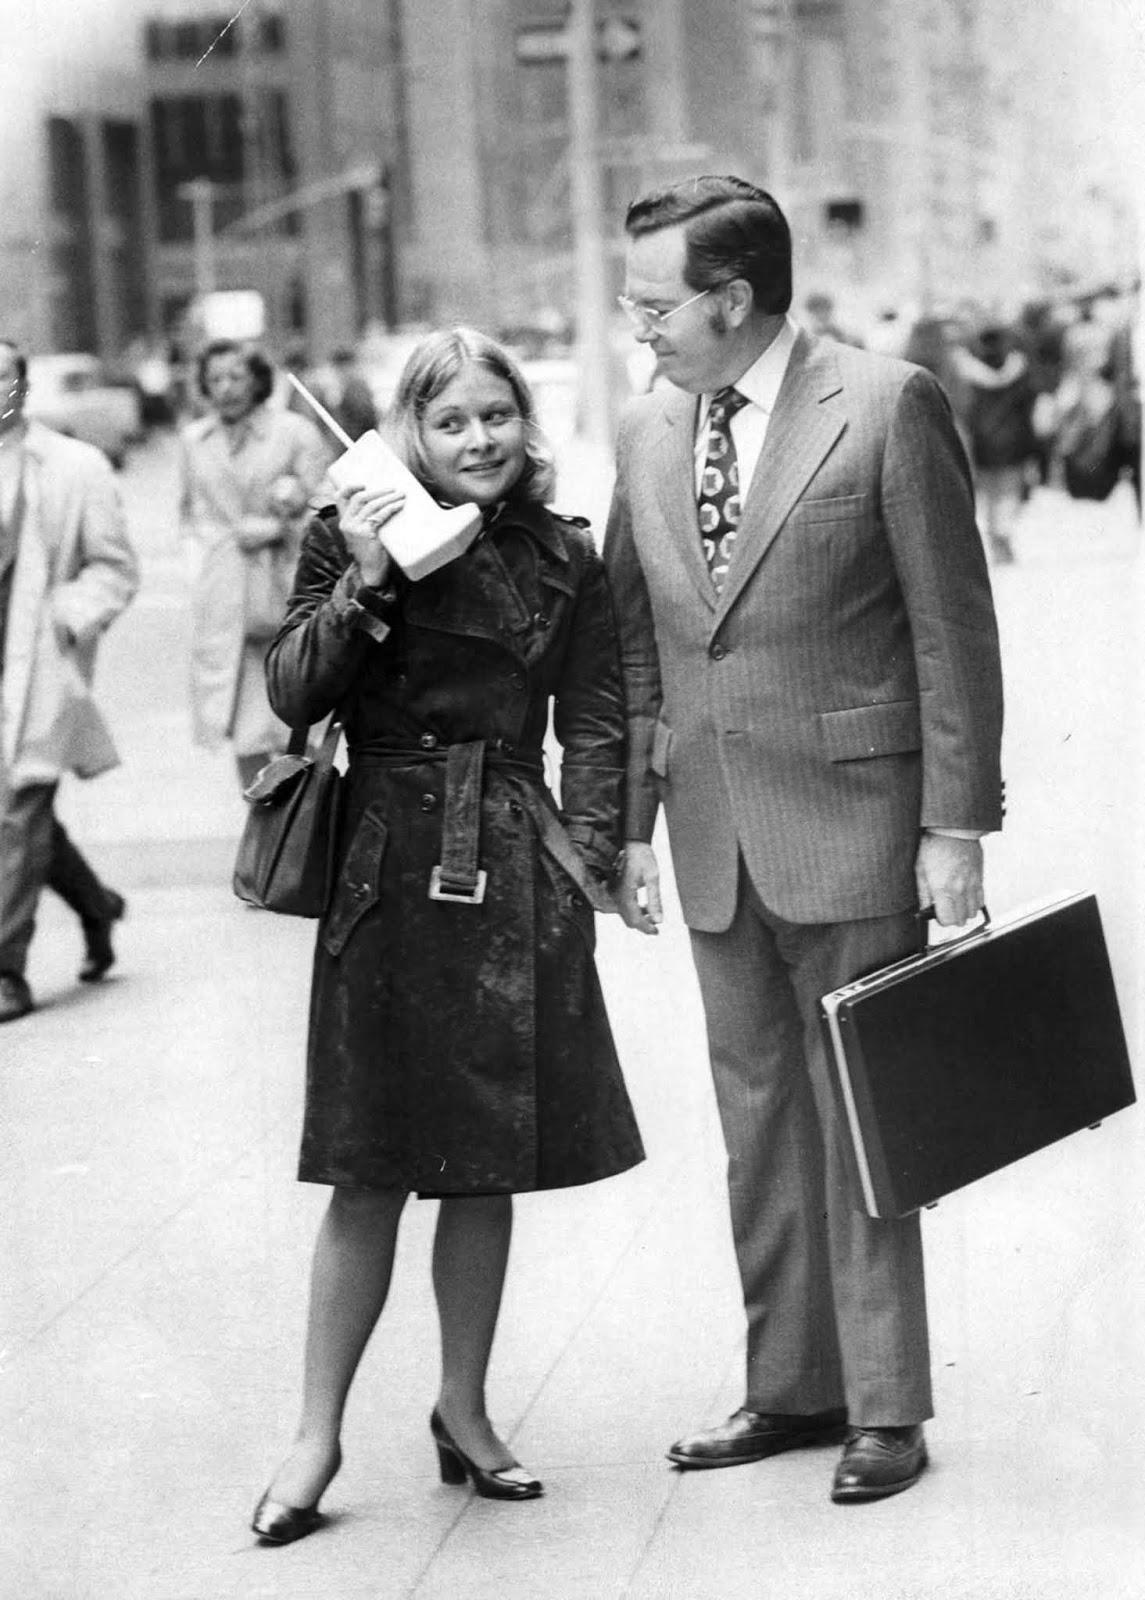 Jeanne Bauer caminha com um DynaTAC na 6th Avenue em Nova York, acompanhado por John Mitchell, o engenheiro da Motorola por trás do telefone. 1973.